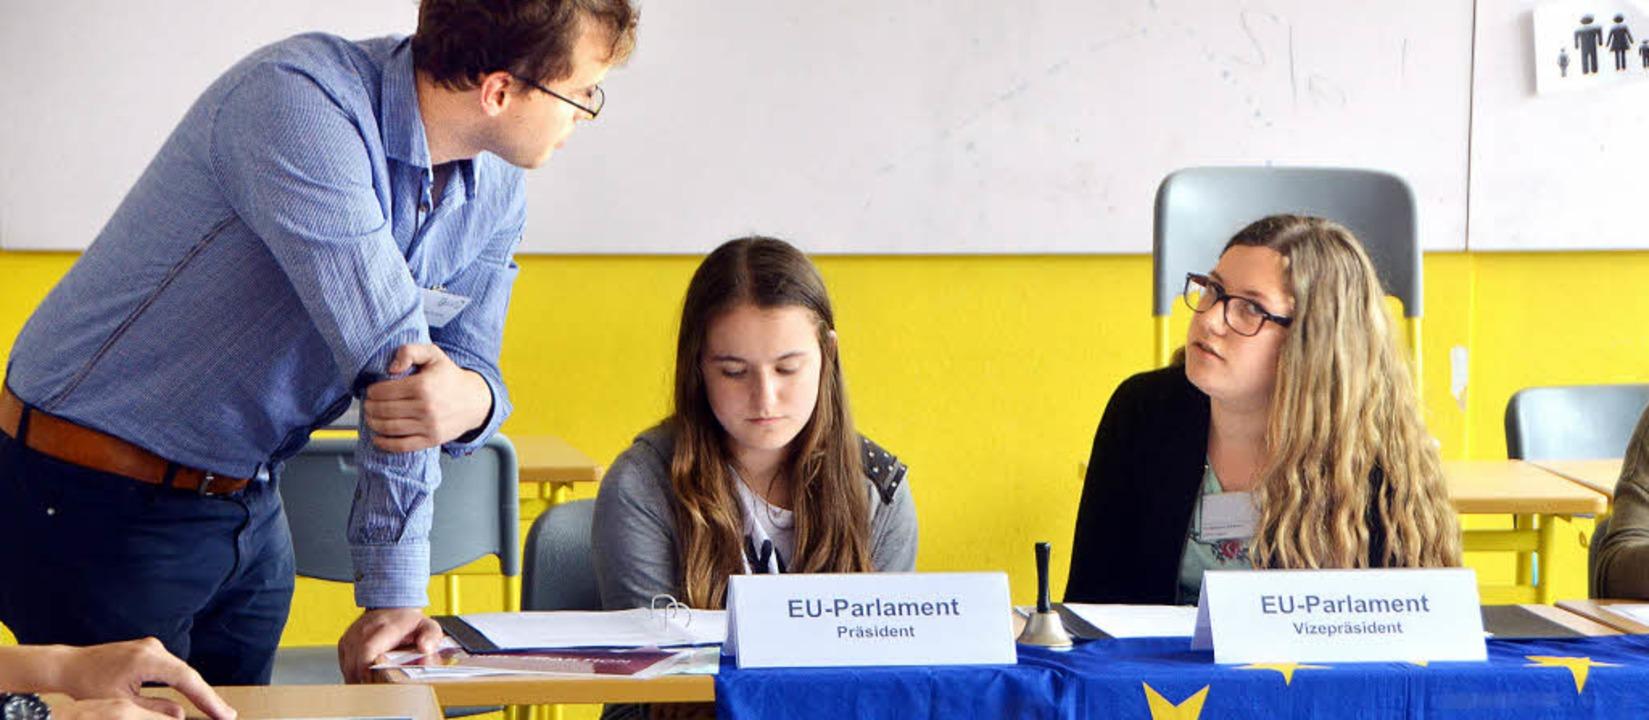 Planspiel Asyl- und Flüchtlingspolitik in der Emil-Dörle-Realschule  | Foto: Hanno Müller